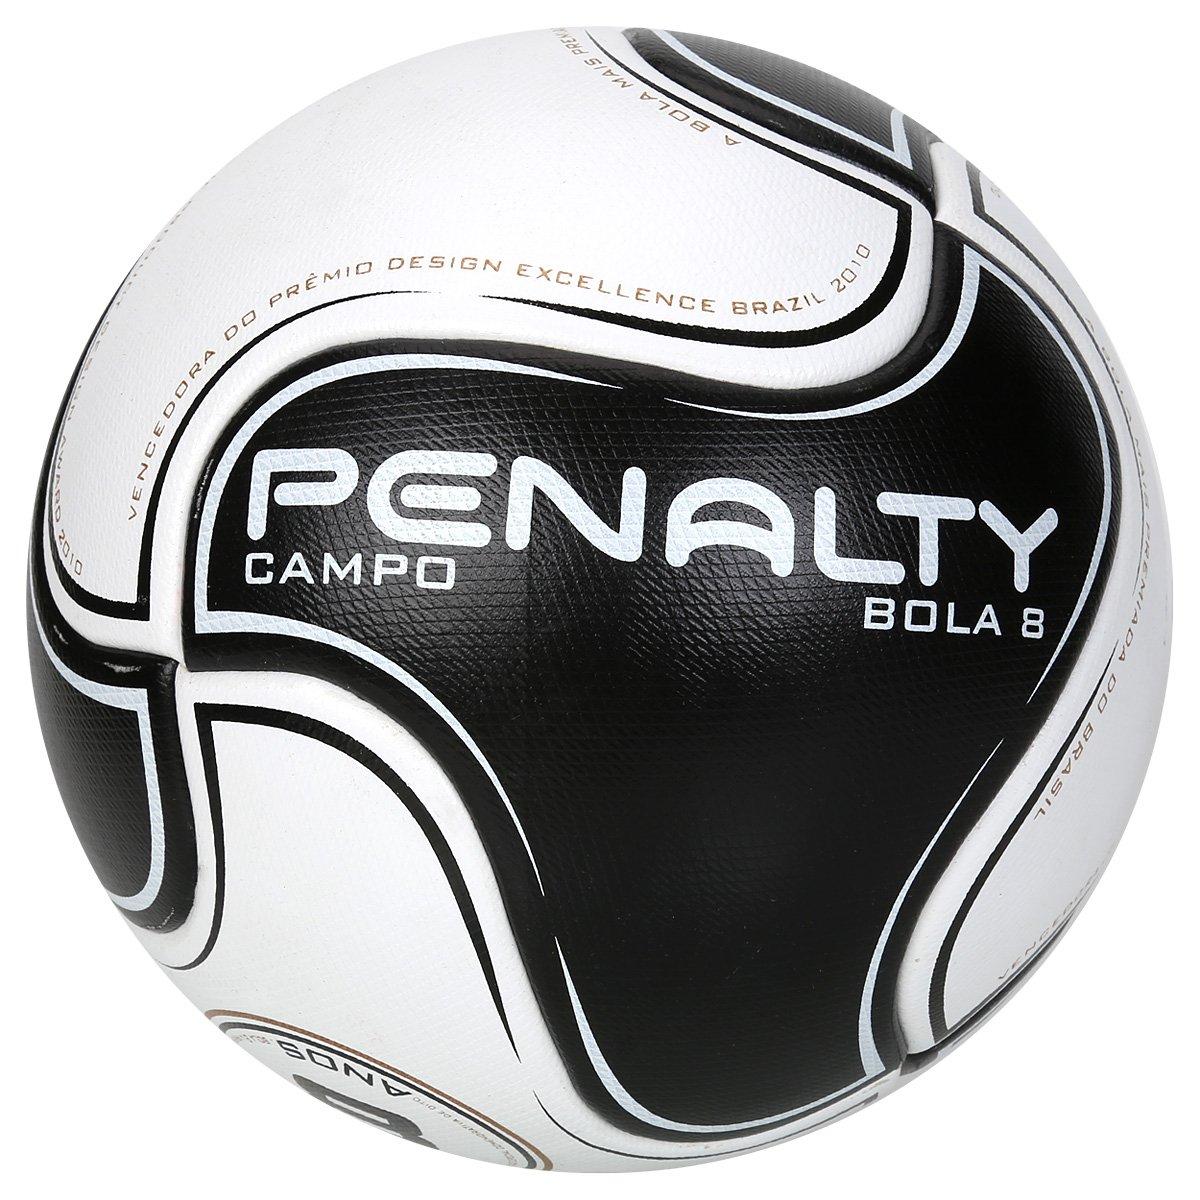 ea8e2cf030155 Bola Futebol Campo Penalty 8 S11 R2 6 - Compre Agora